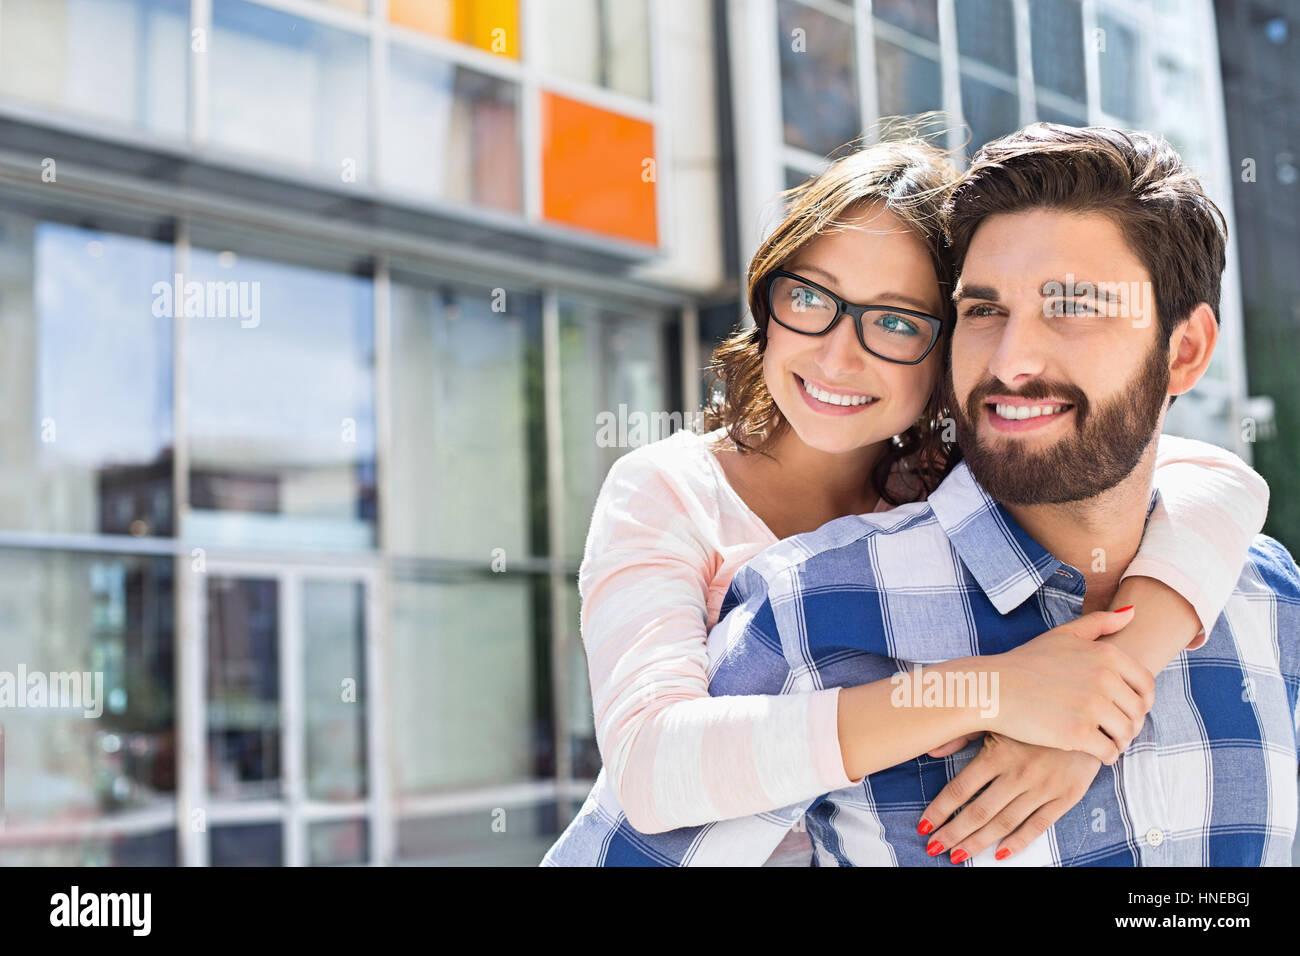 Amar al hombre mujer de espaldas en la ciudad Imagen De Stock